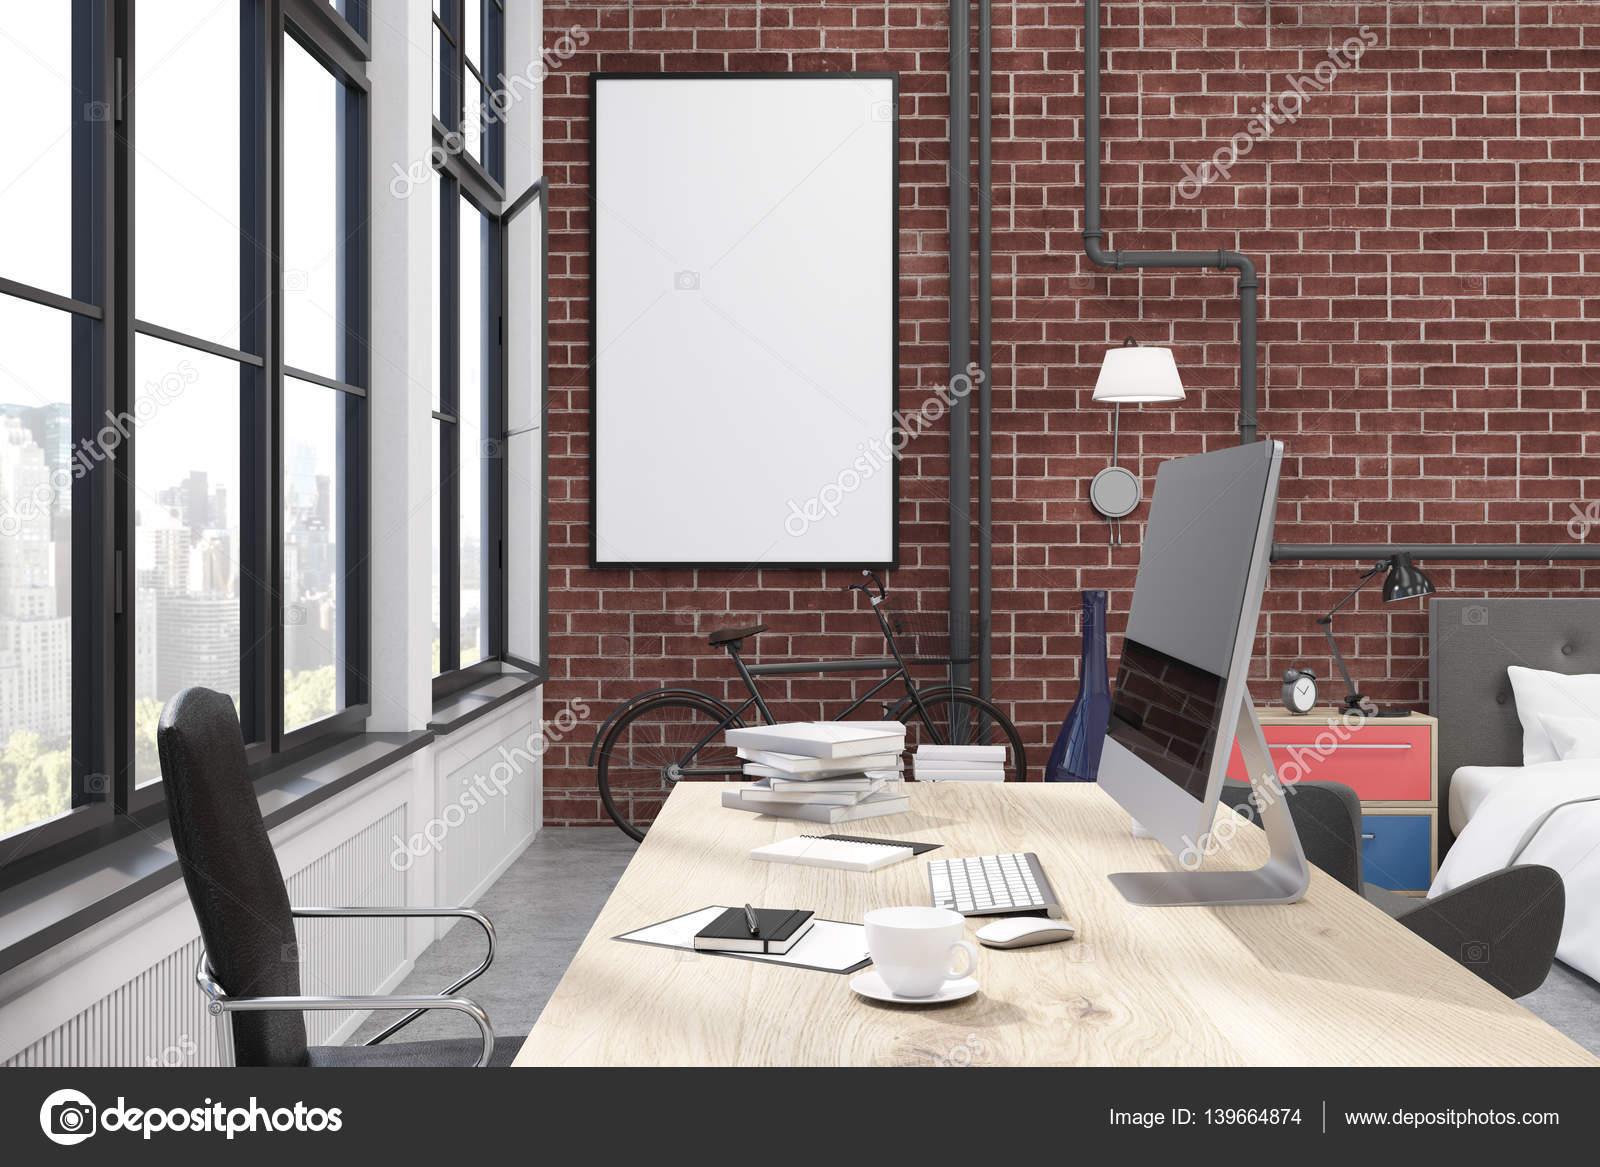 Ufficio Casa Legno : Interiore dell ufficio casa con muri di mattoni grandi